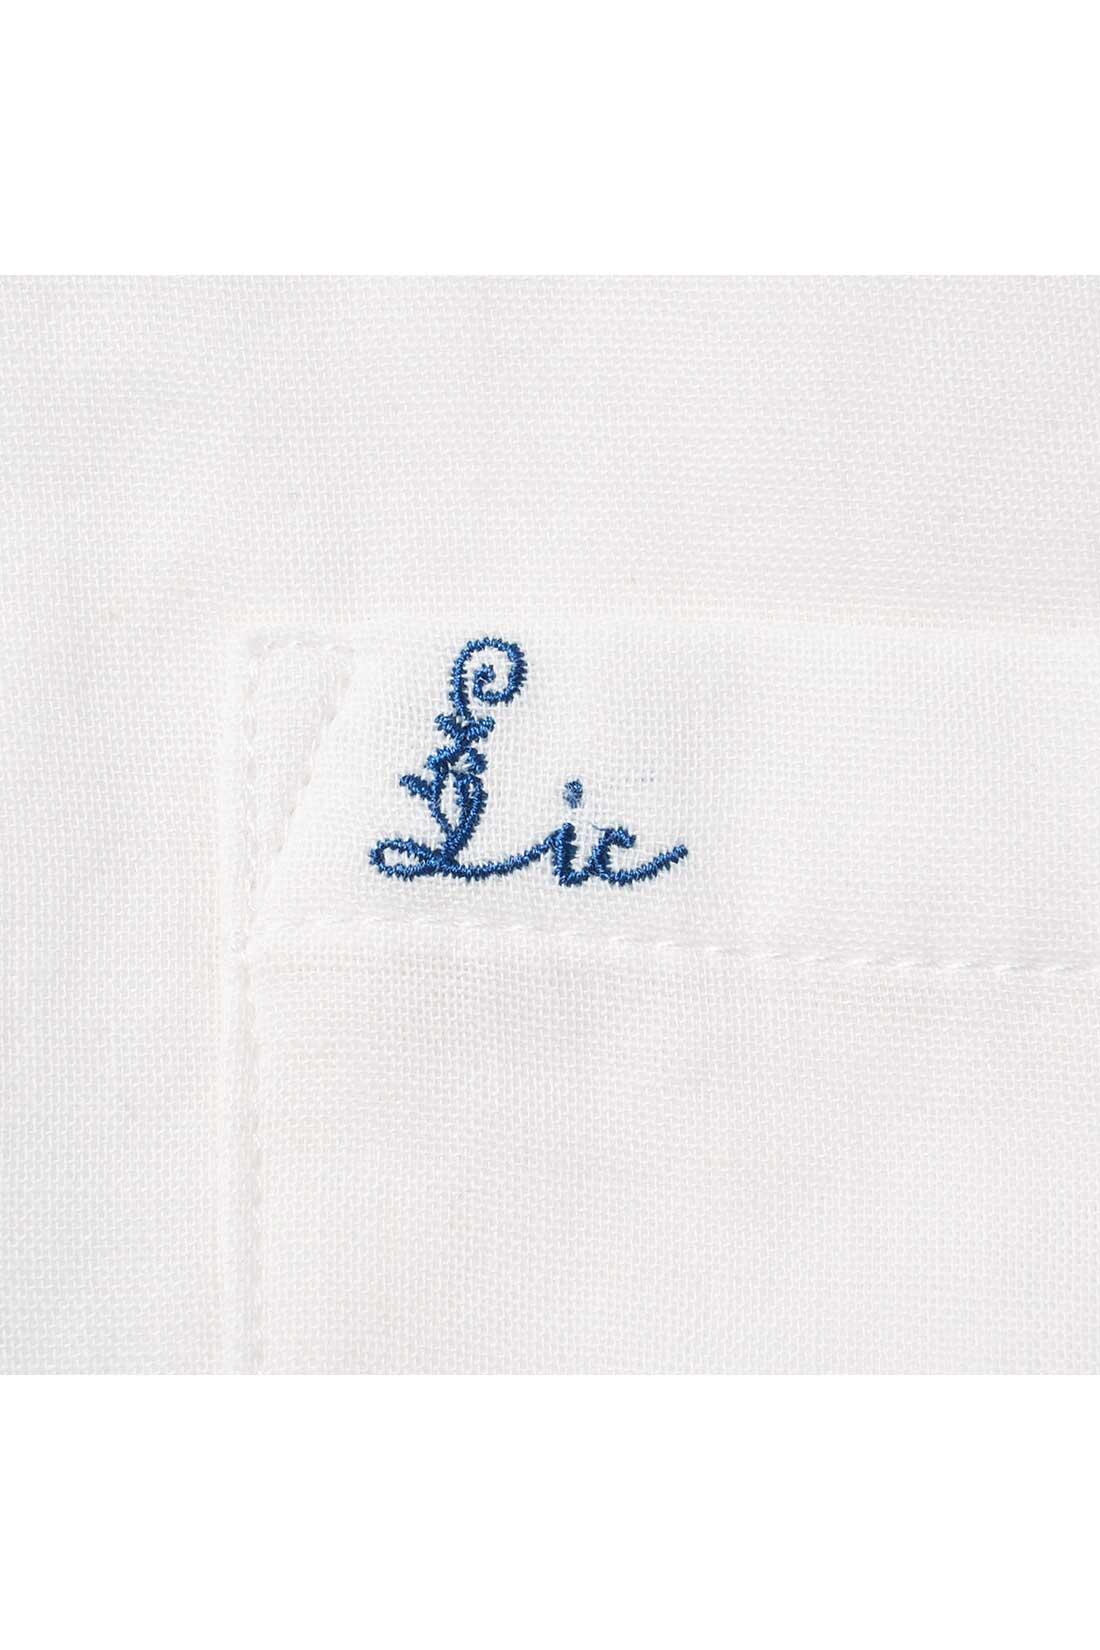 胸ポケットに小さな刺しゅうを入れてかわいいポイントに。